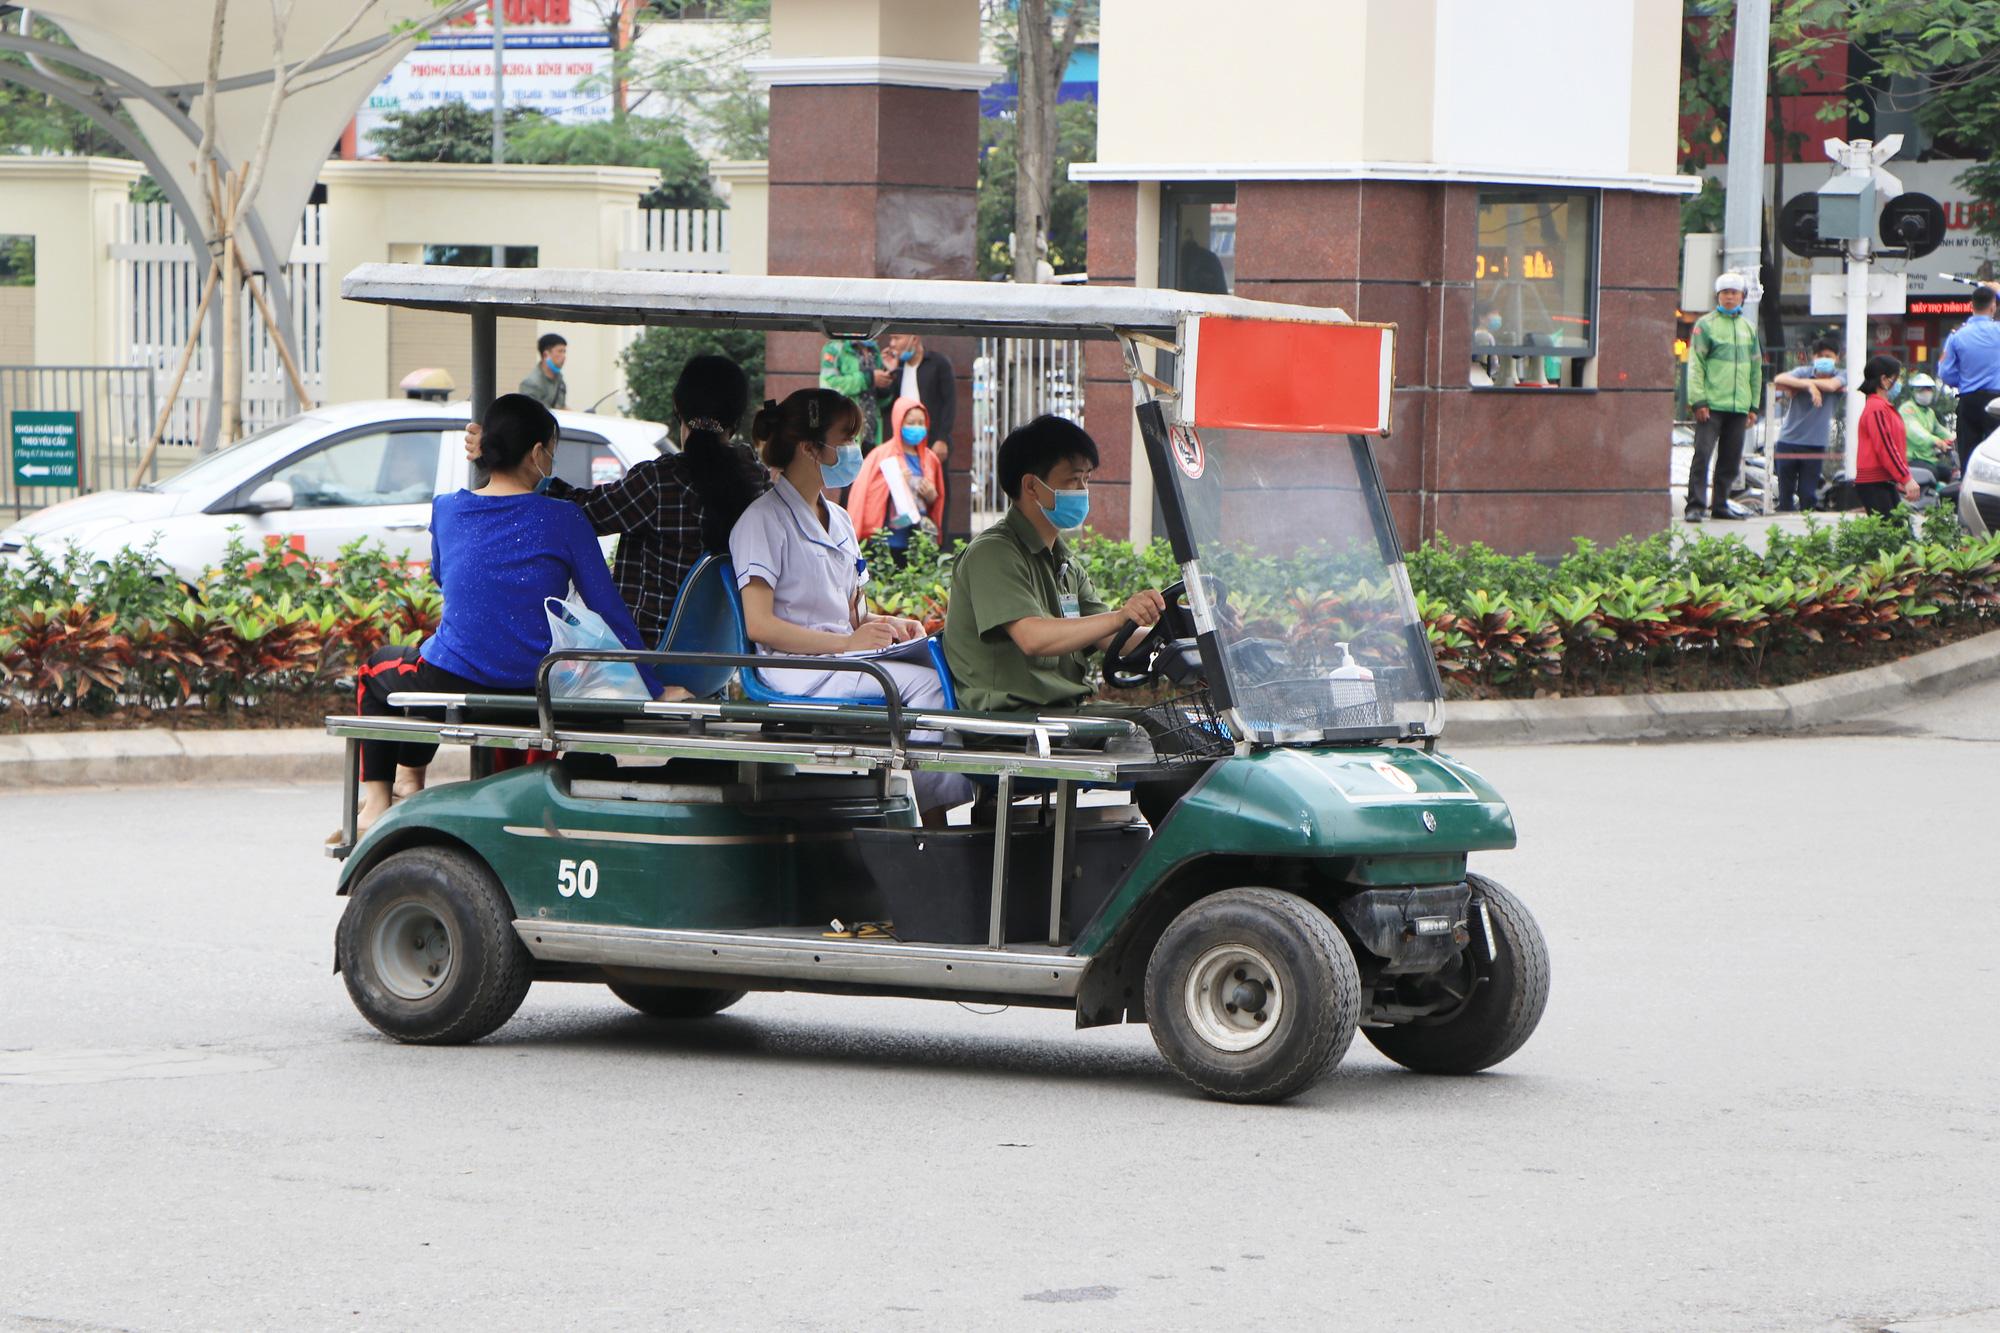 """Phó giám đốc Bệnh viện Bạch Mai: """"Sẽ dần triệt tiêu thu nhập không đúng, những nhóm lợi ích"""" - Ảnh 8."""